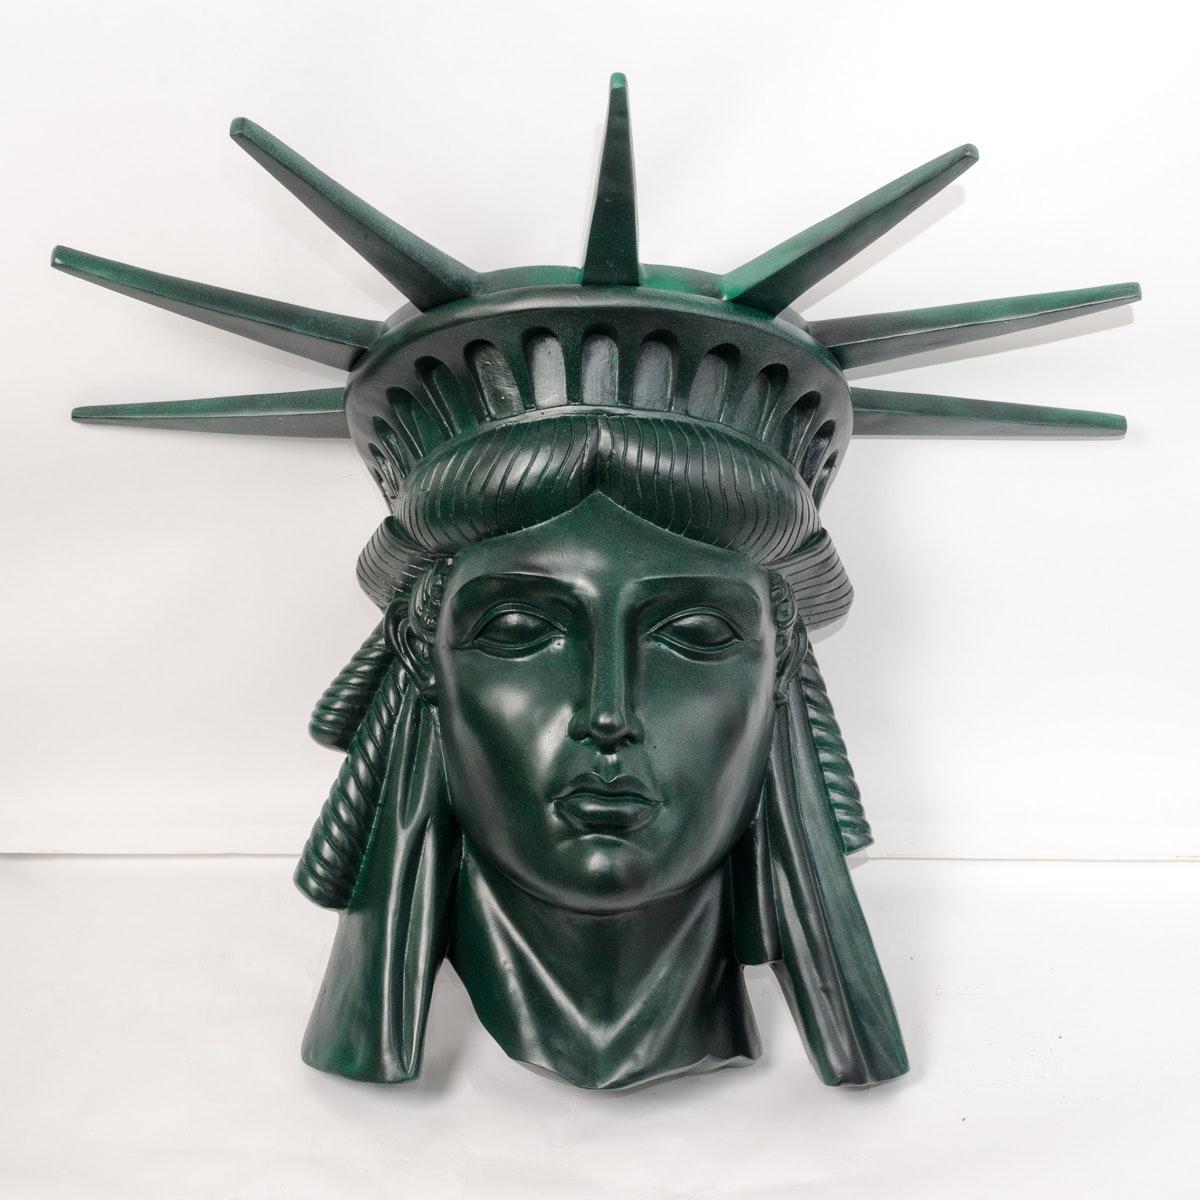 Statue of Liberty Sculptural Bust